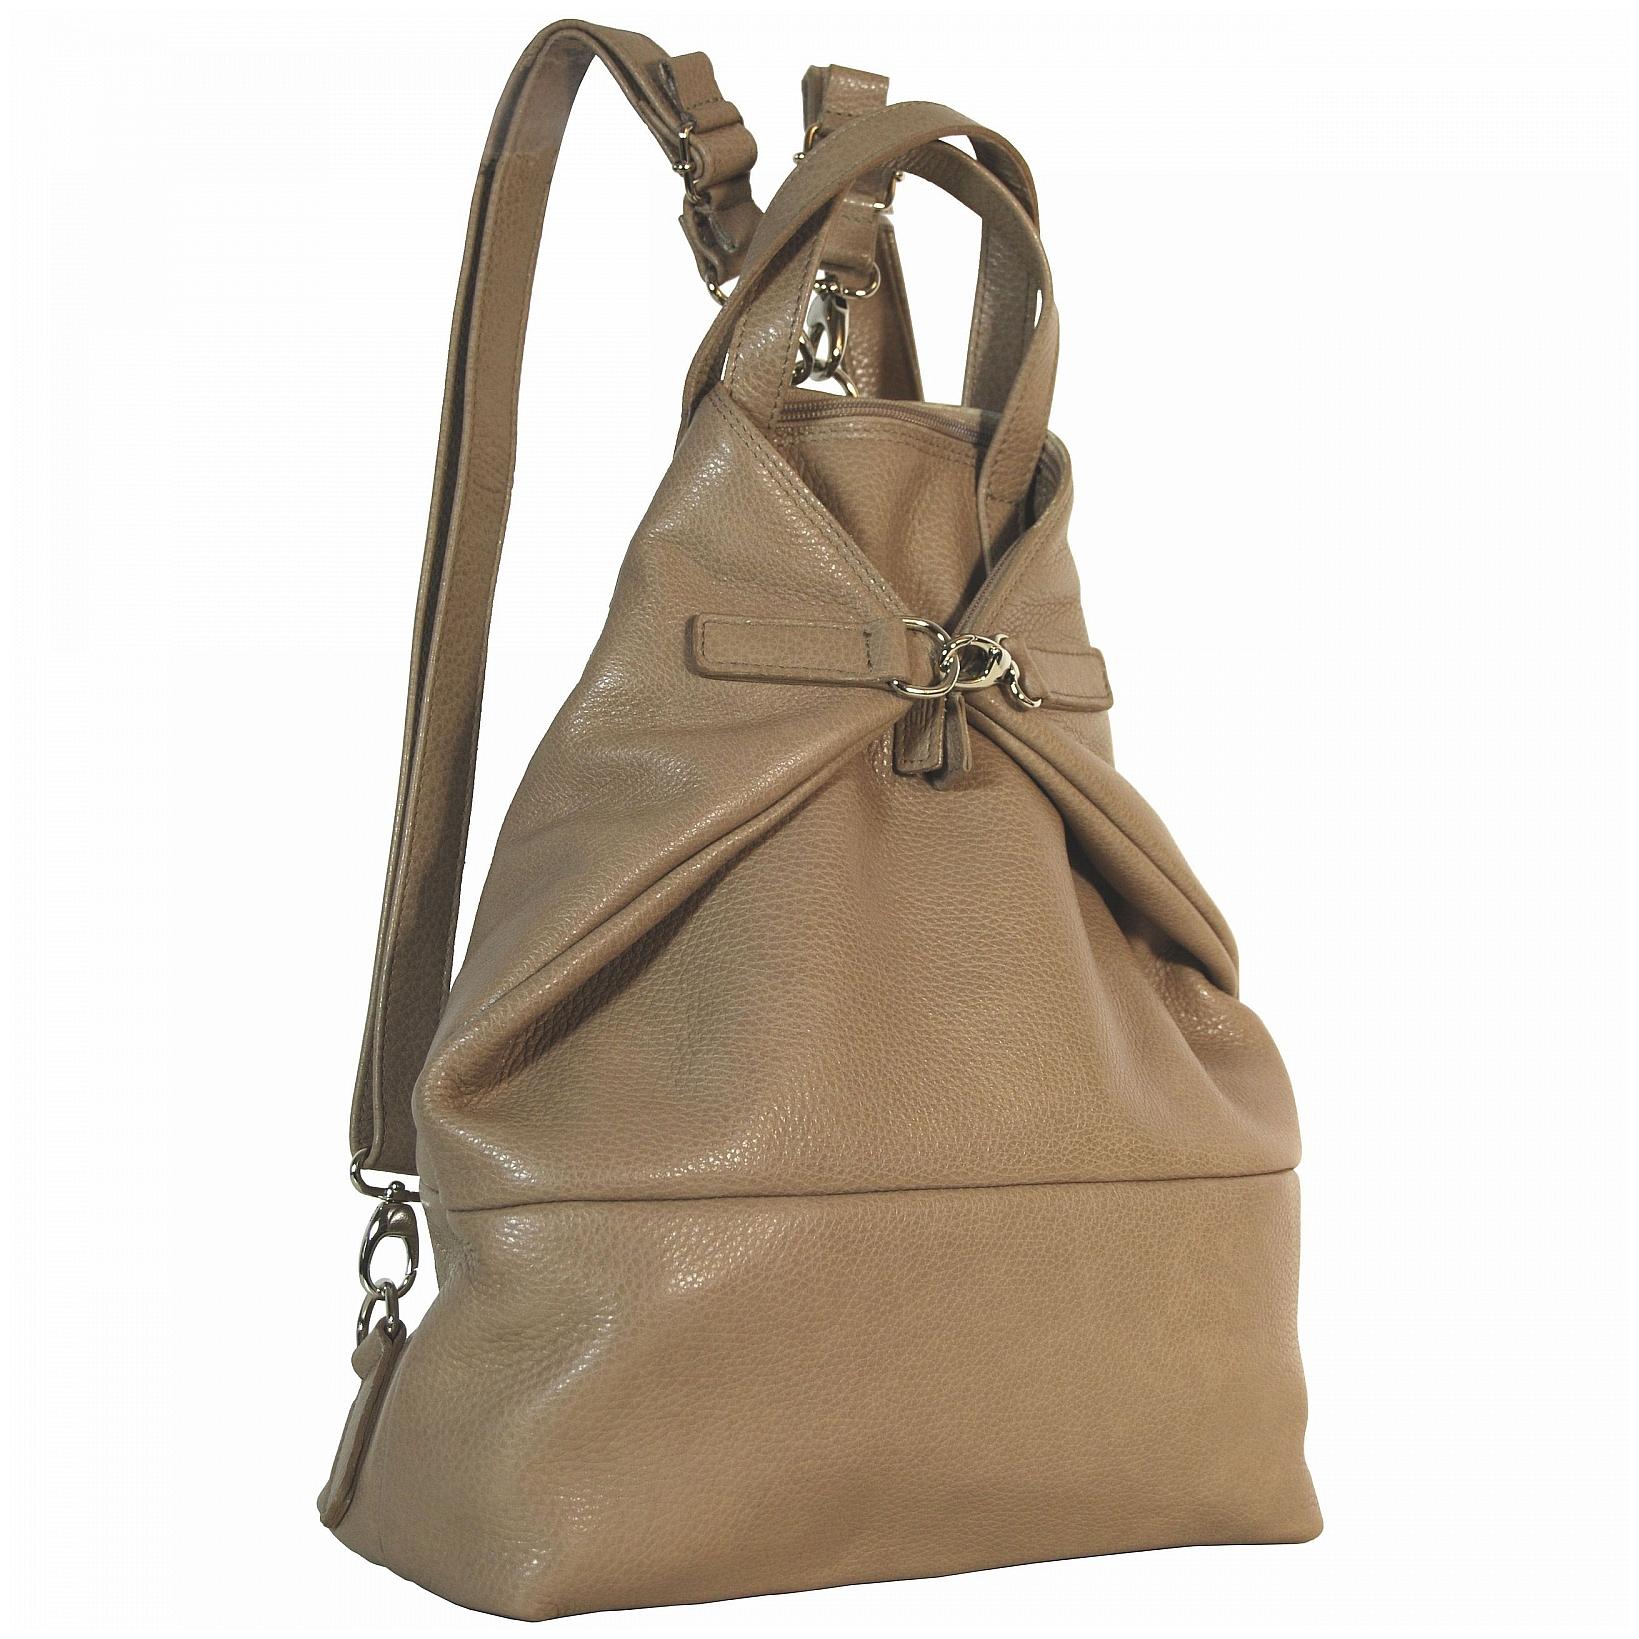 c5d71b6a2e7 JOST Dámský kožený batoh - kabelka VIKA 1910 X-Change 3in1 béžový